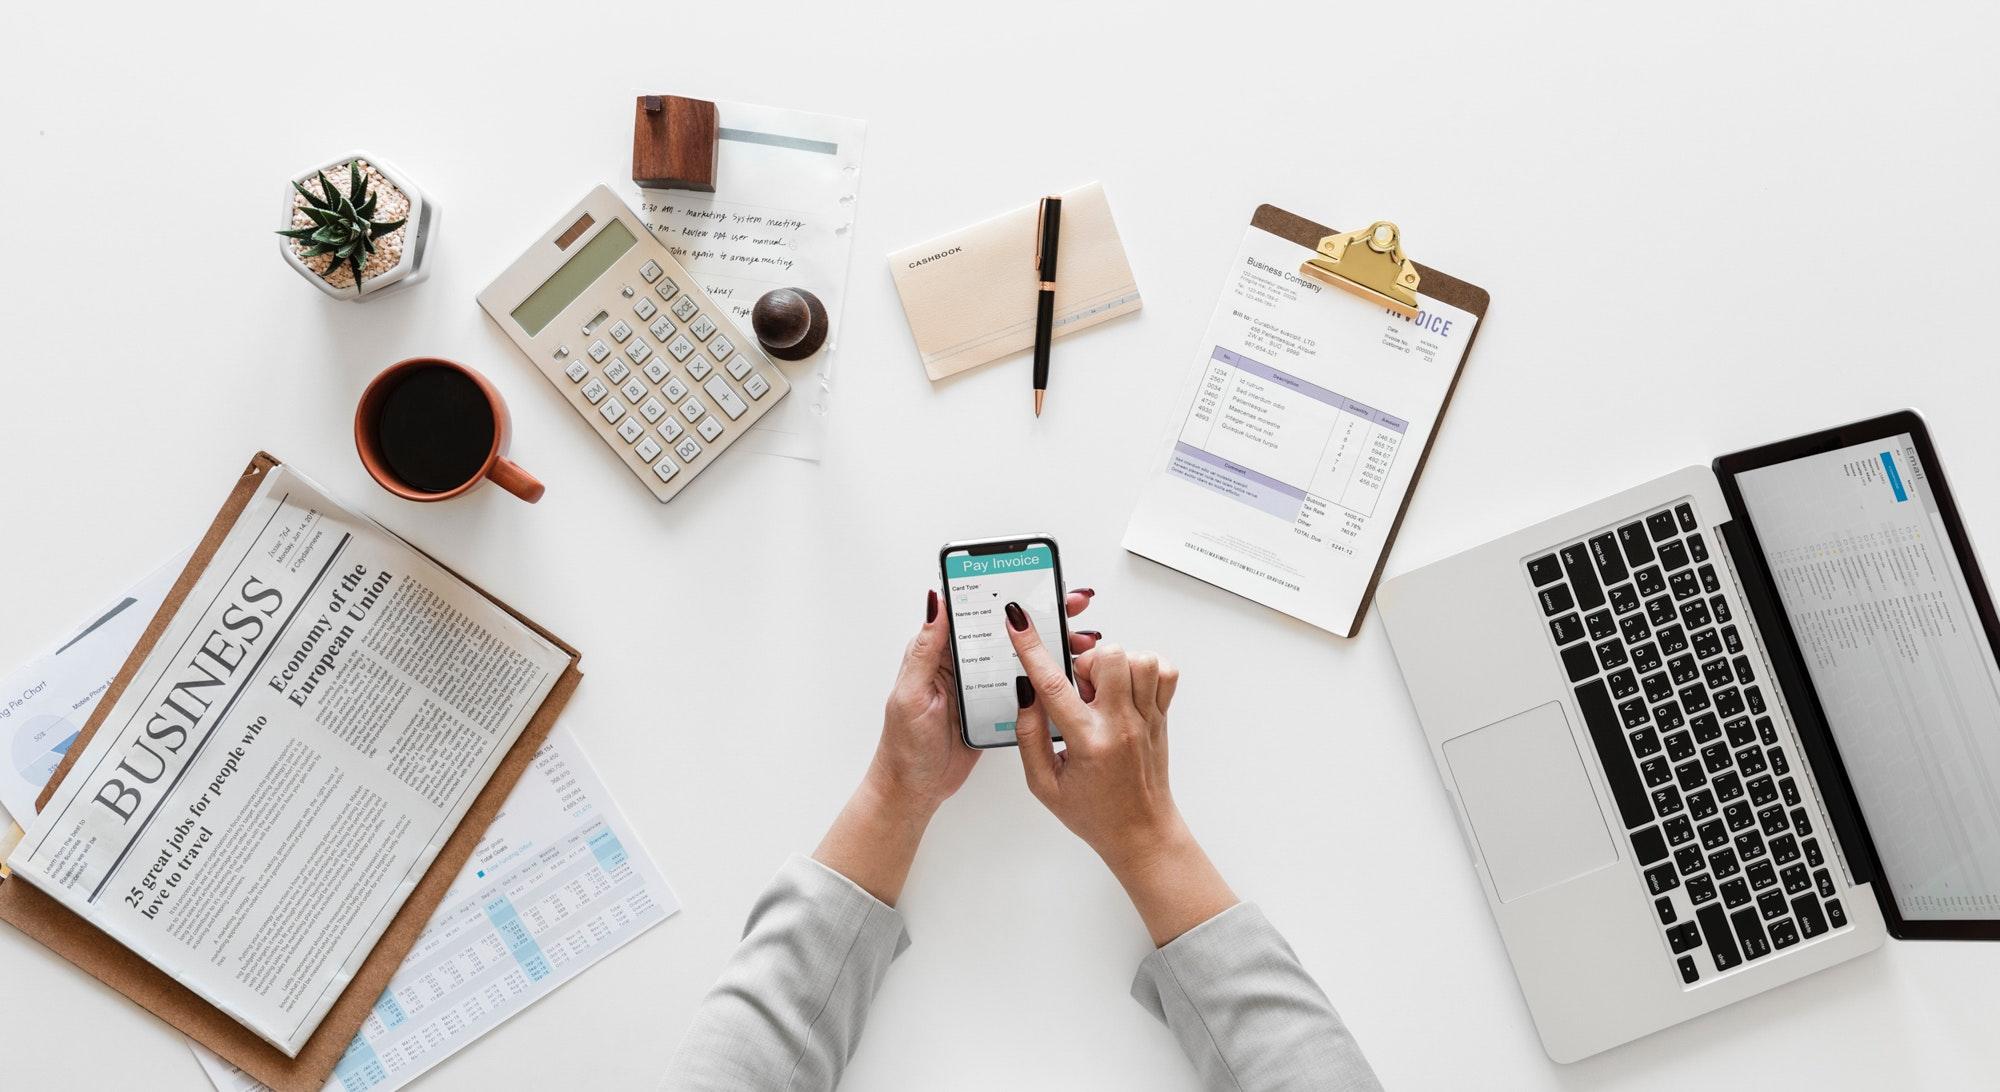 Consultas financieras Dolibarr en la palma de tu mano